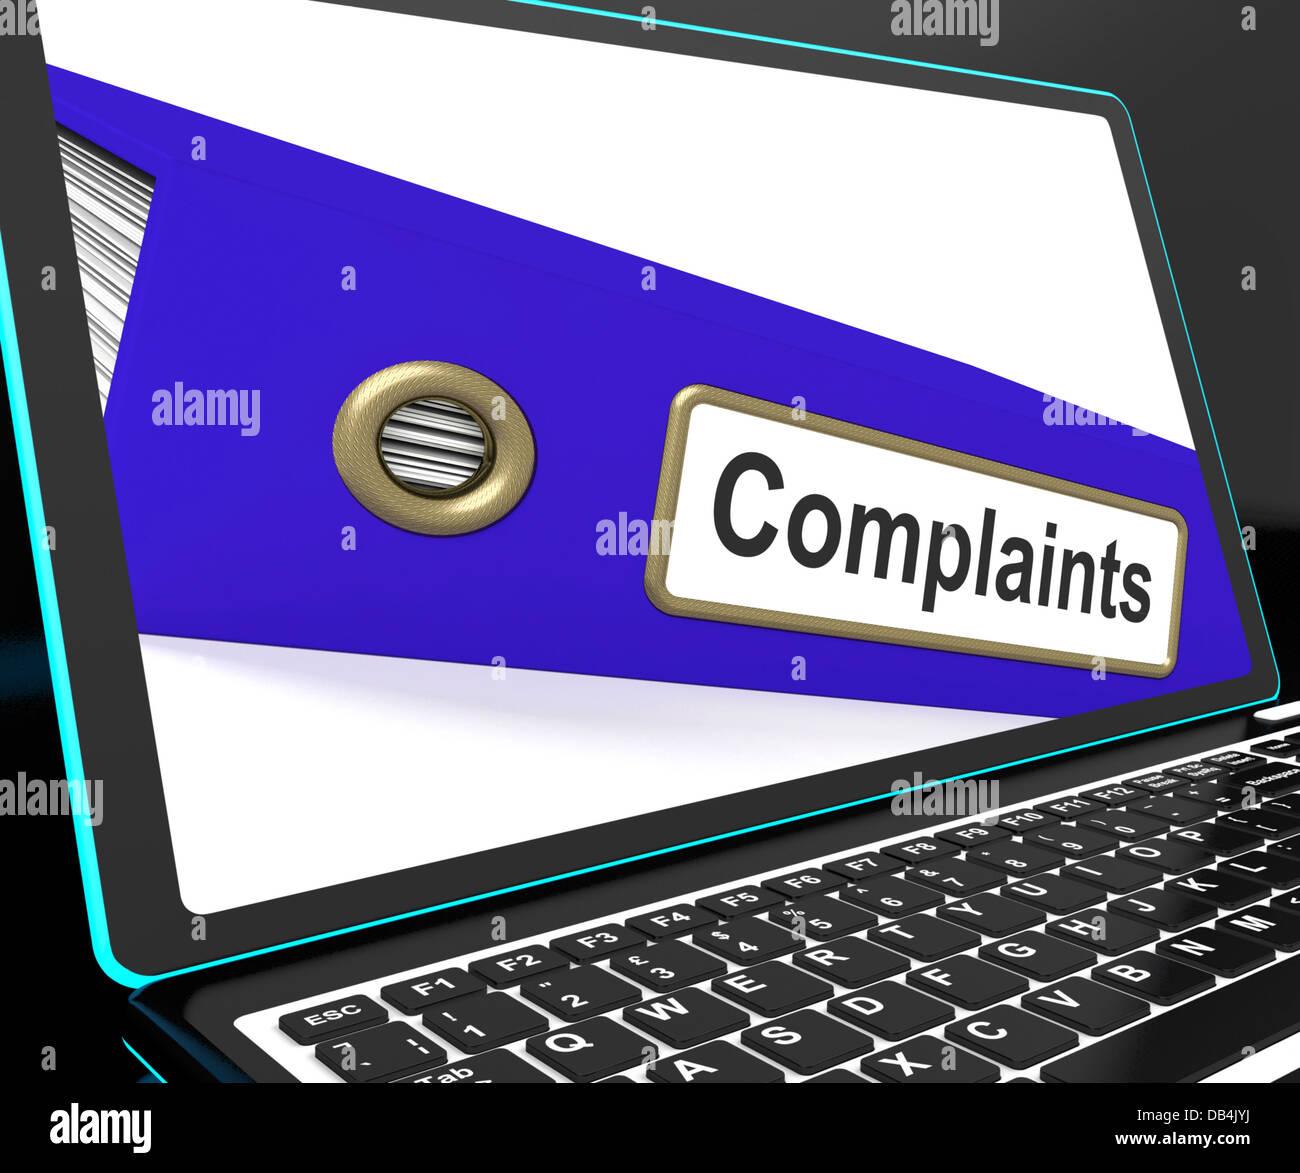 Complaints File On Laptop Shows Complaints - Stock Image